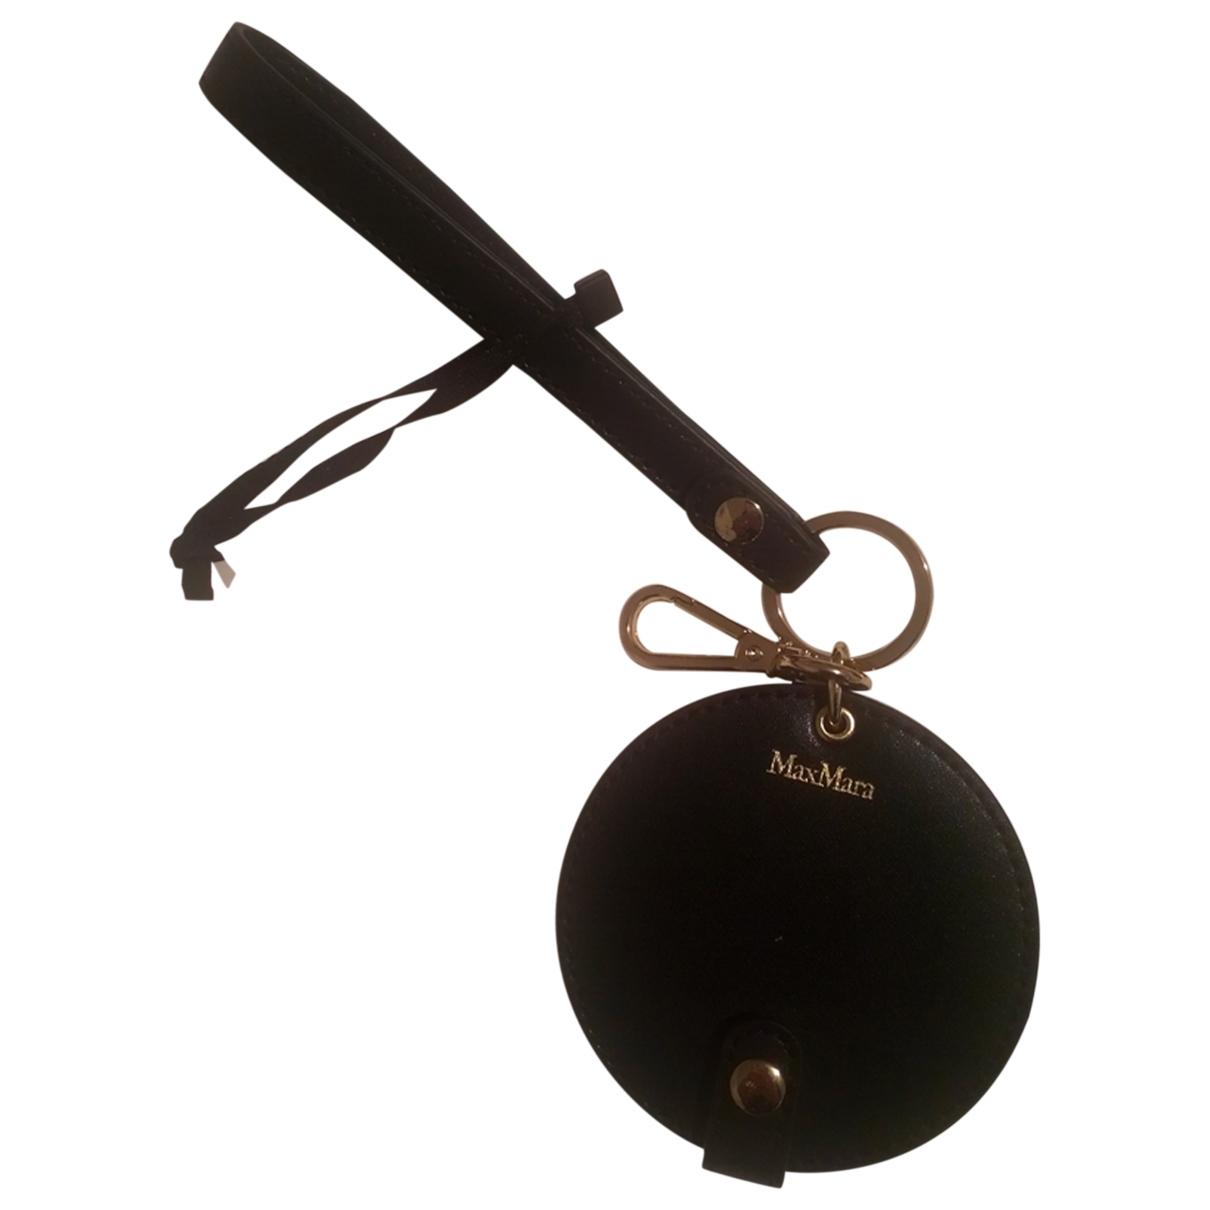 Max Mara - Petite maroquinerie   pour femme en cuir - noir